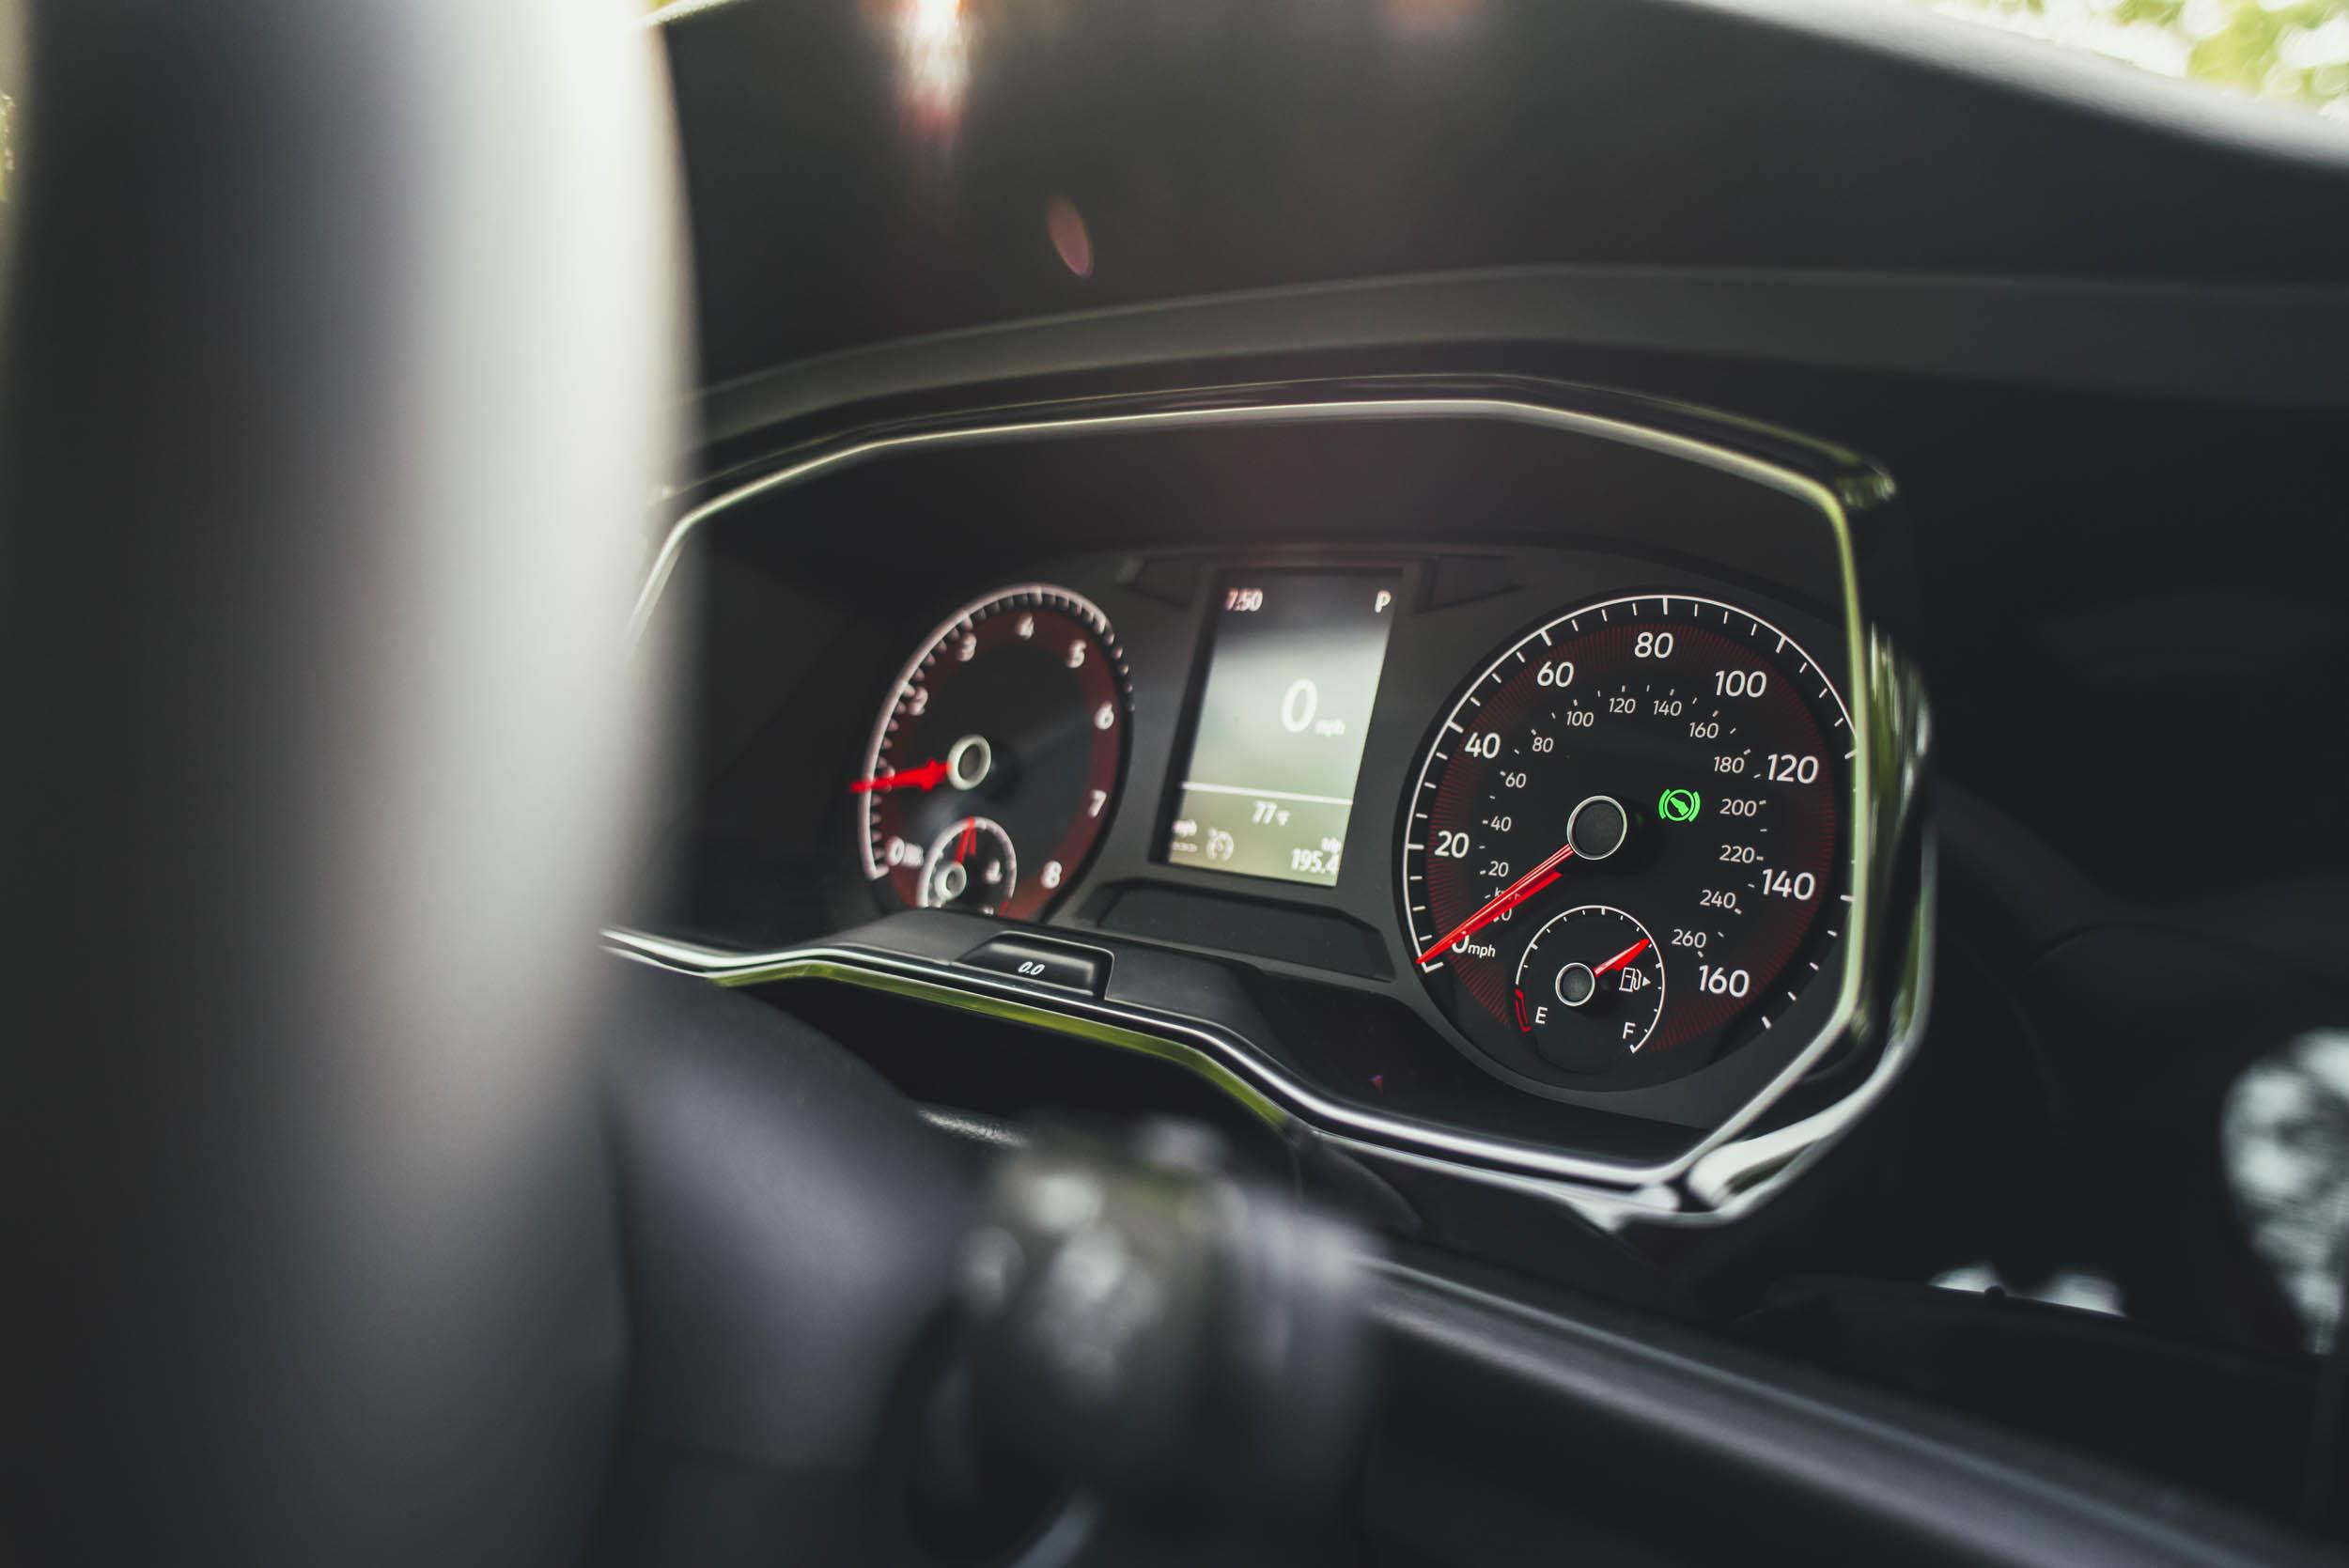 volkswagen jetta r-line dashboard gauges